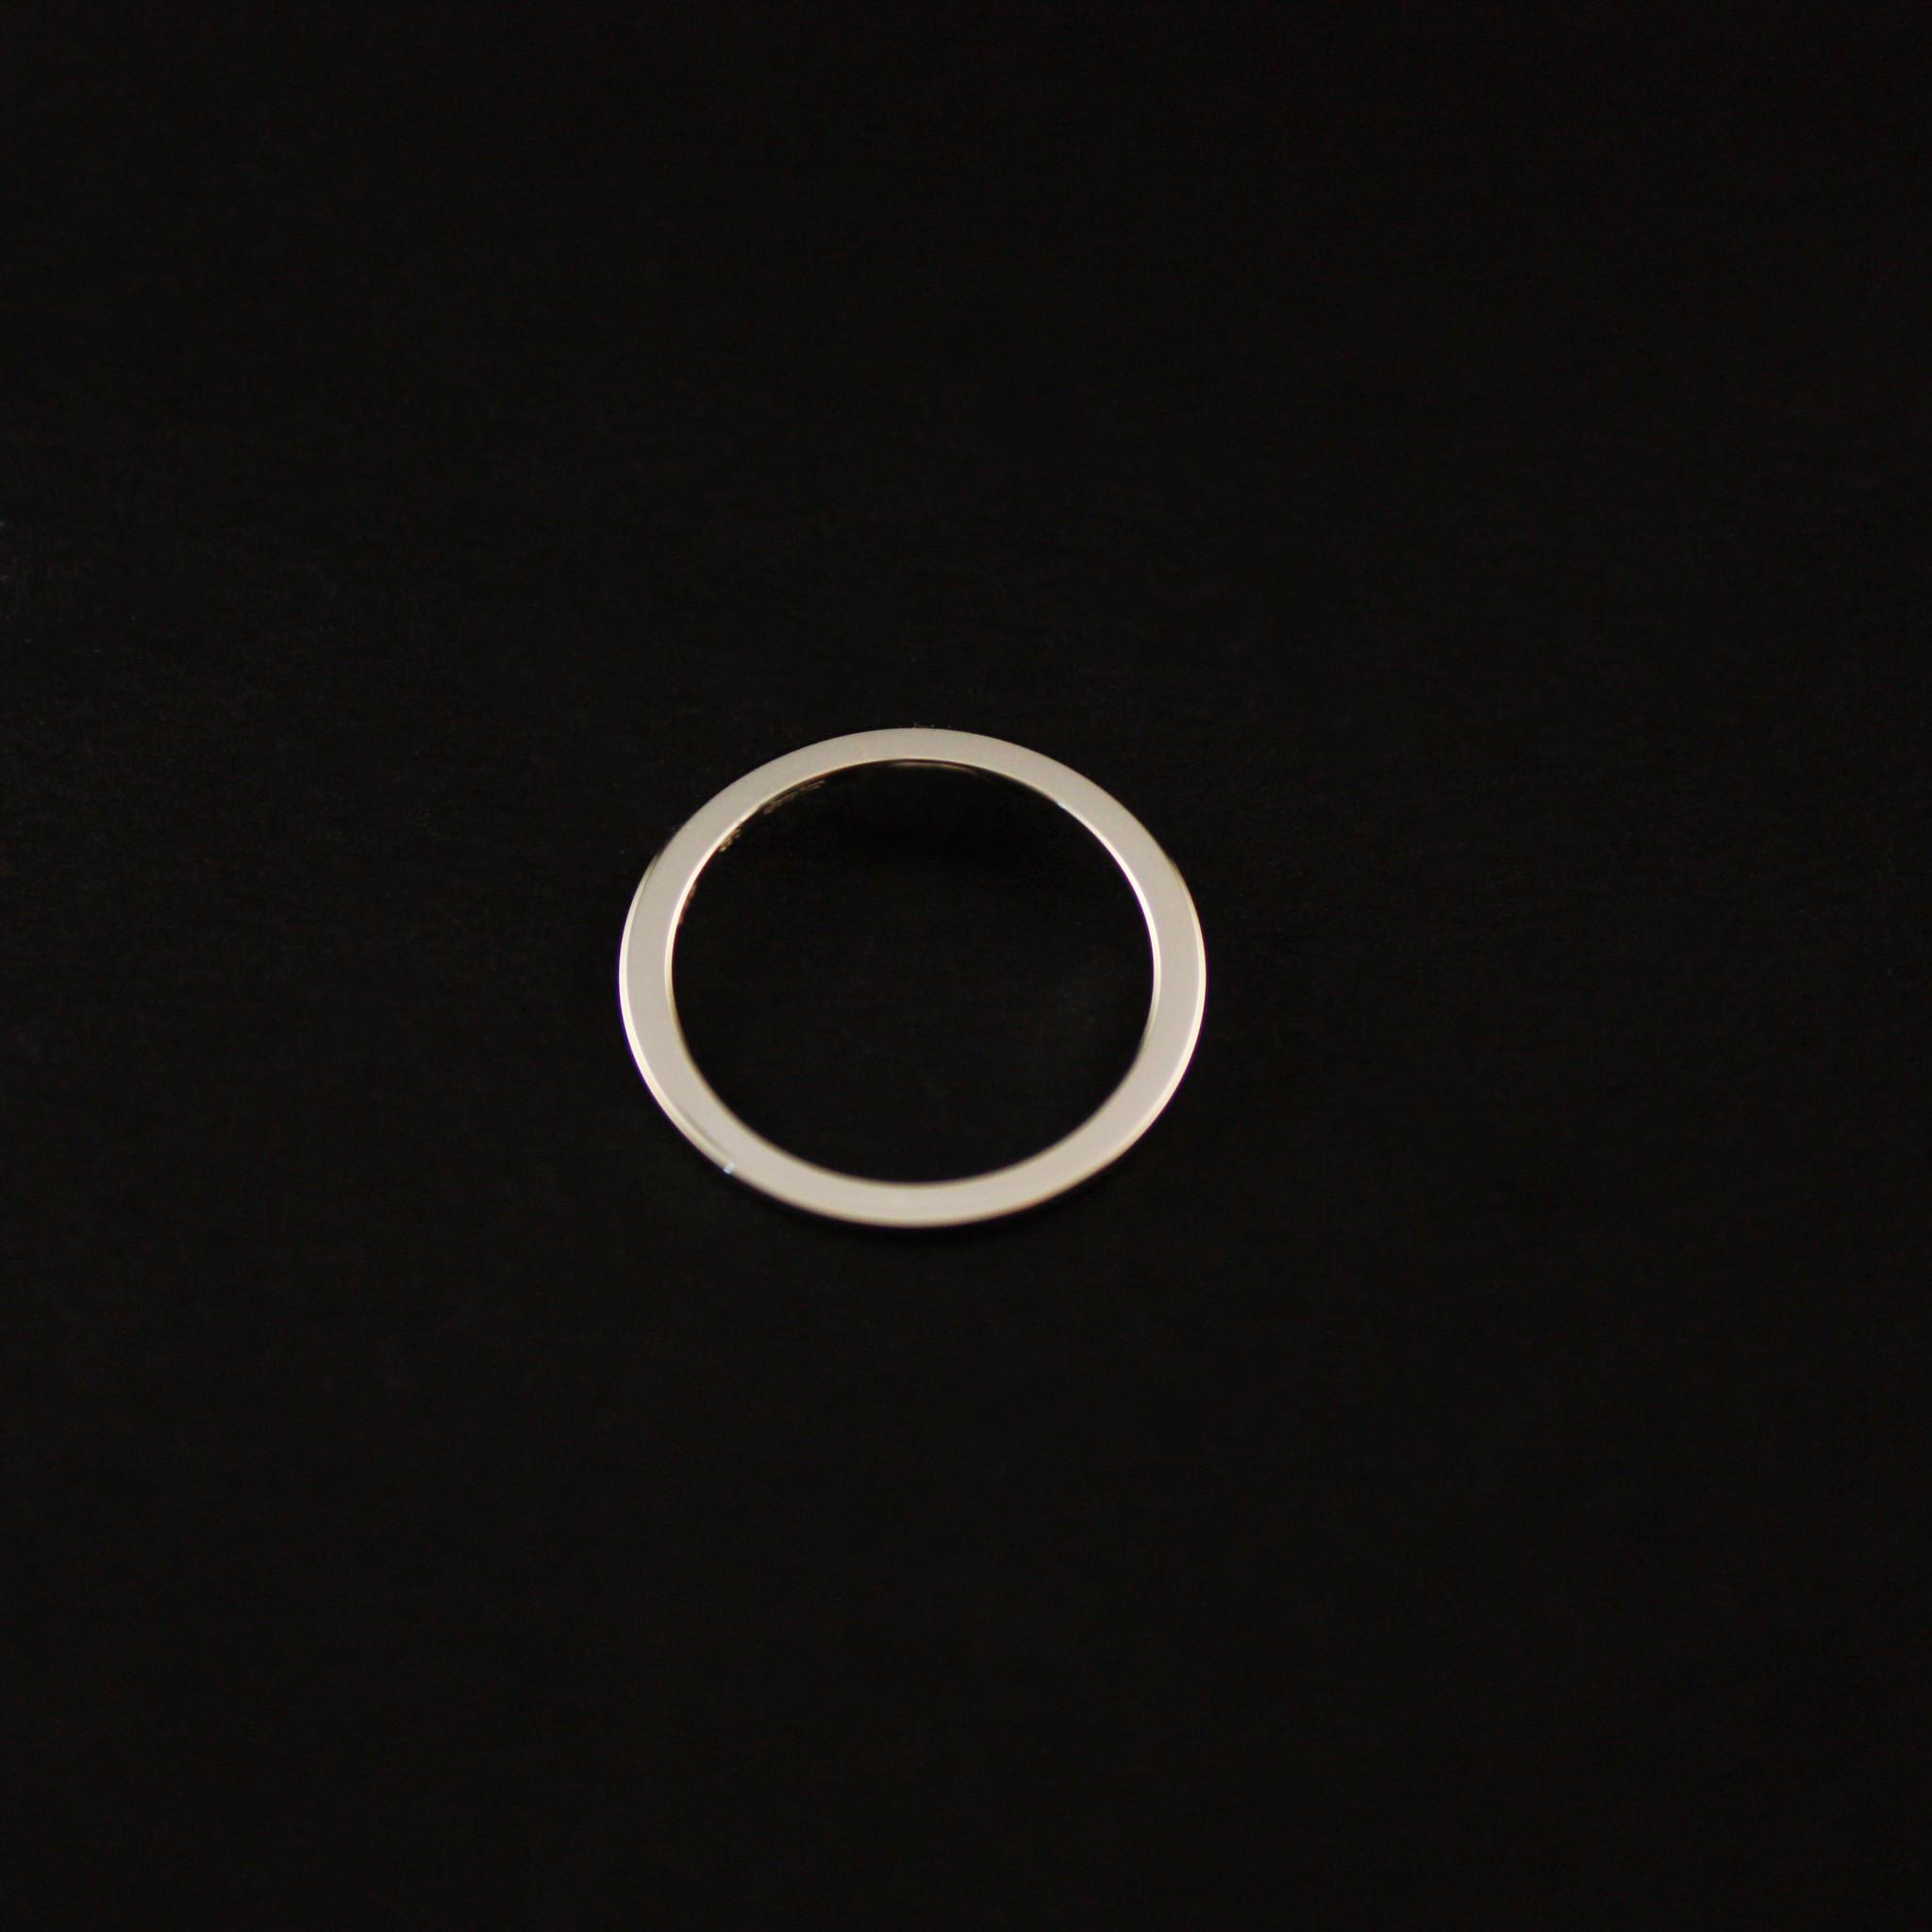 Ring FRESIA, goud-5